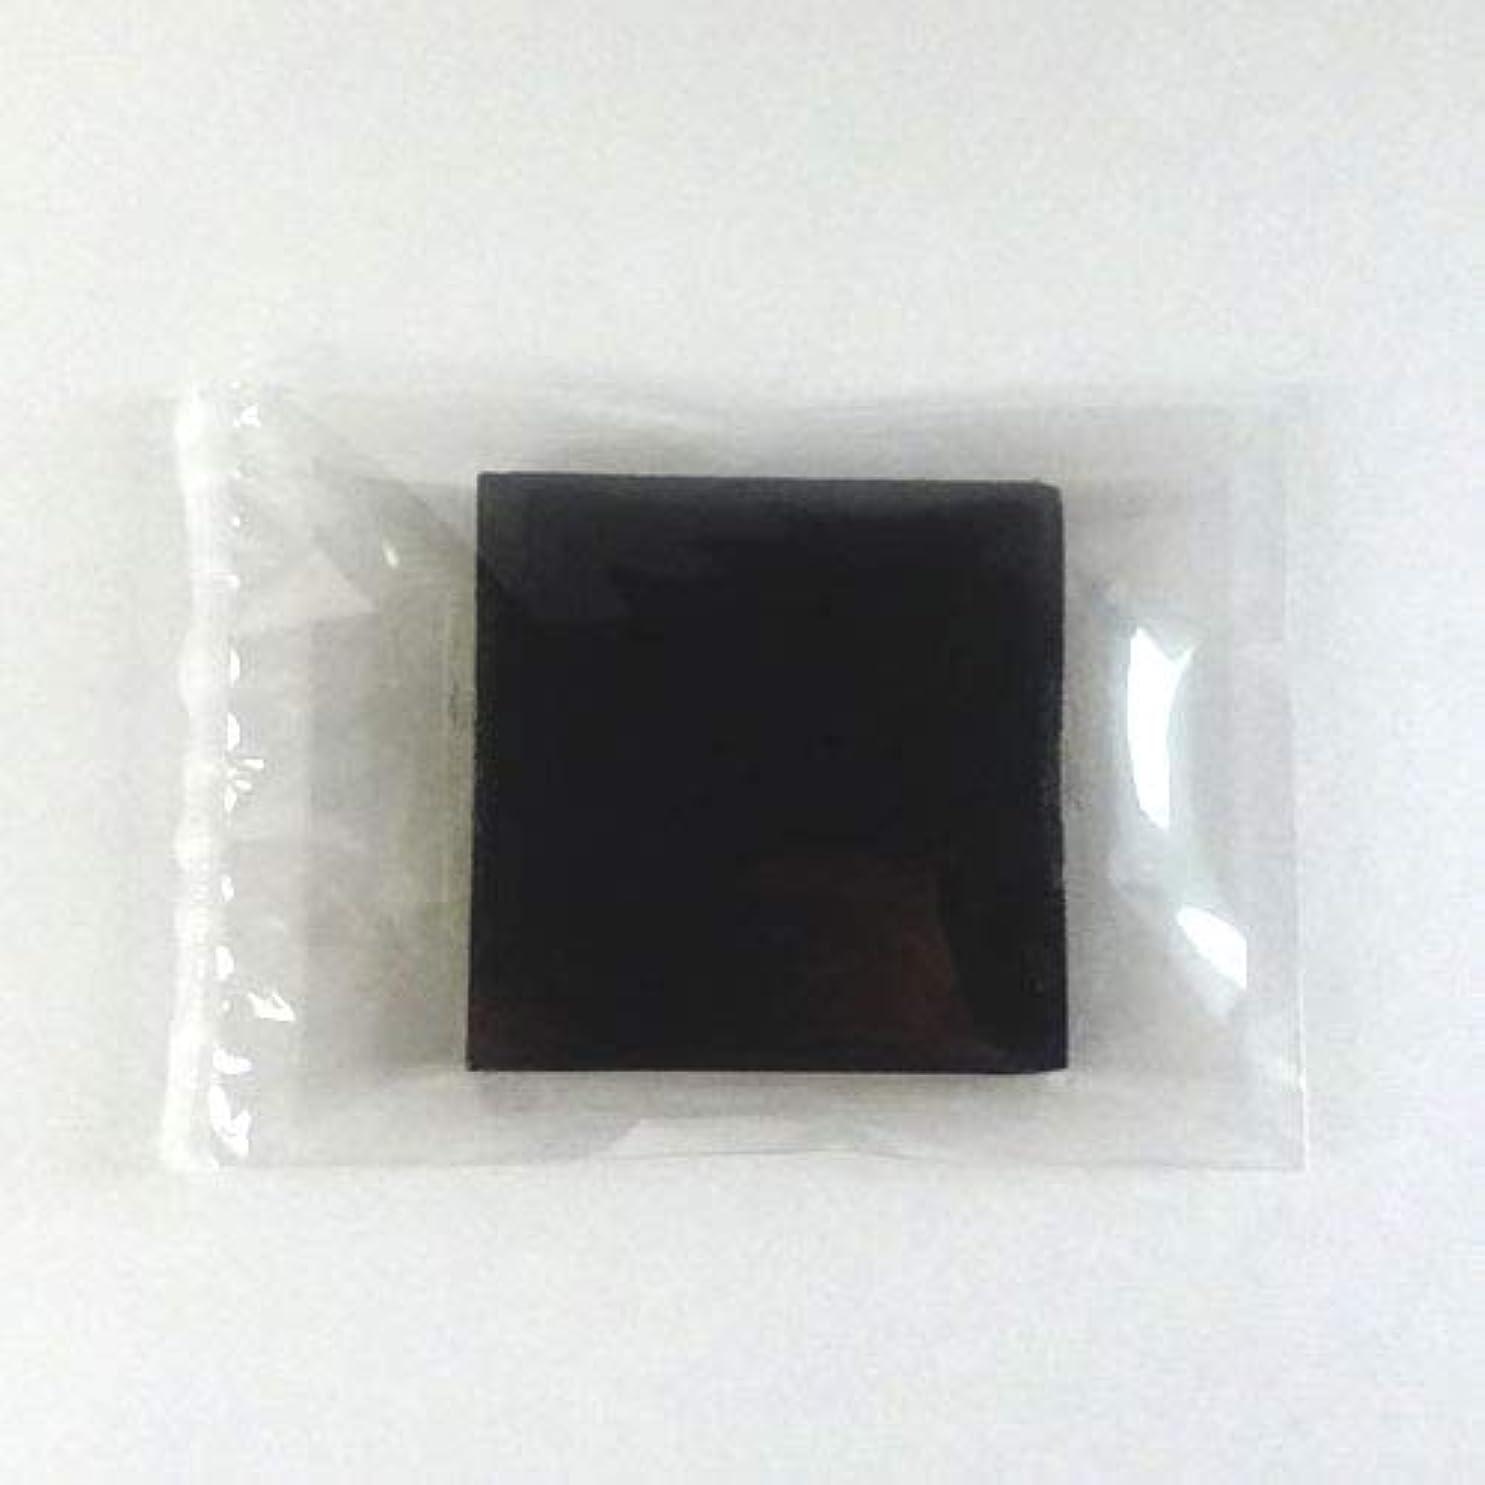 暗くする糸彼らのものグリセリンソープ MPソープ 色チッププ 黒(ブラック) 60g (30g x 2pc)